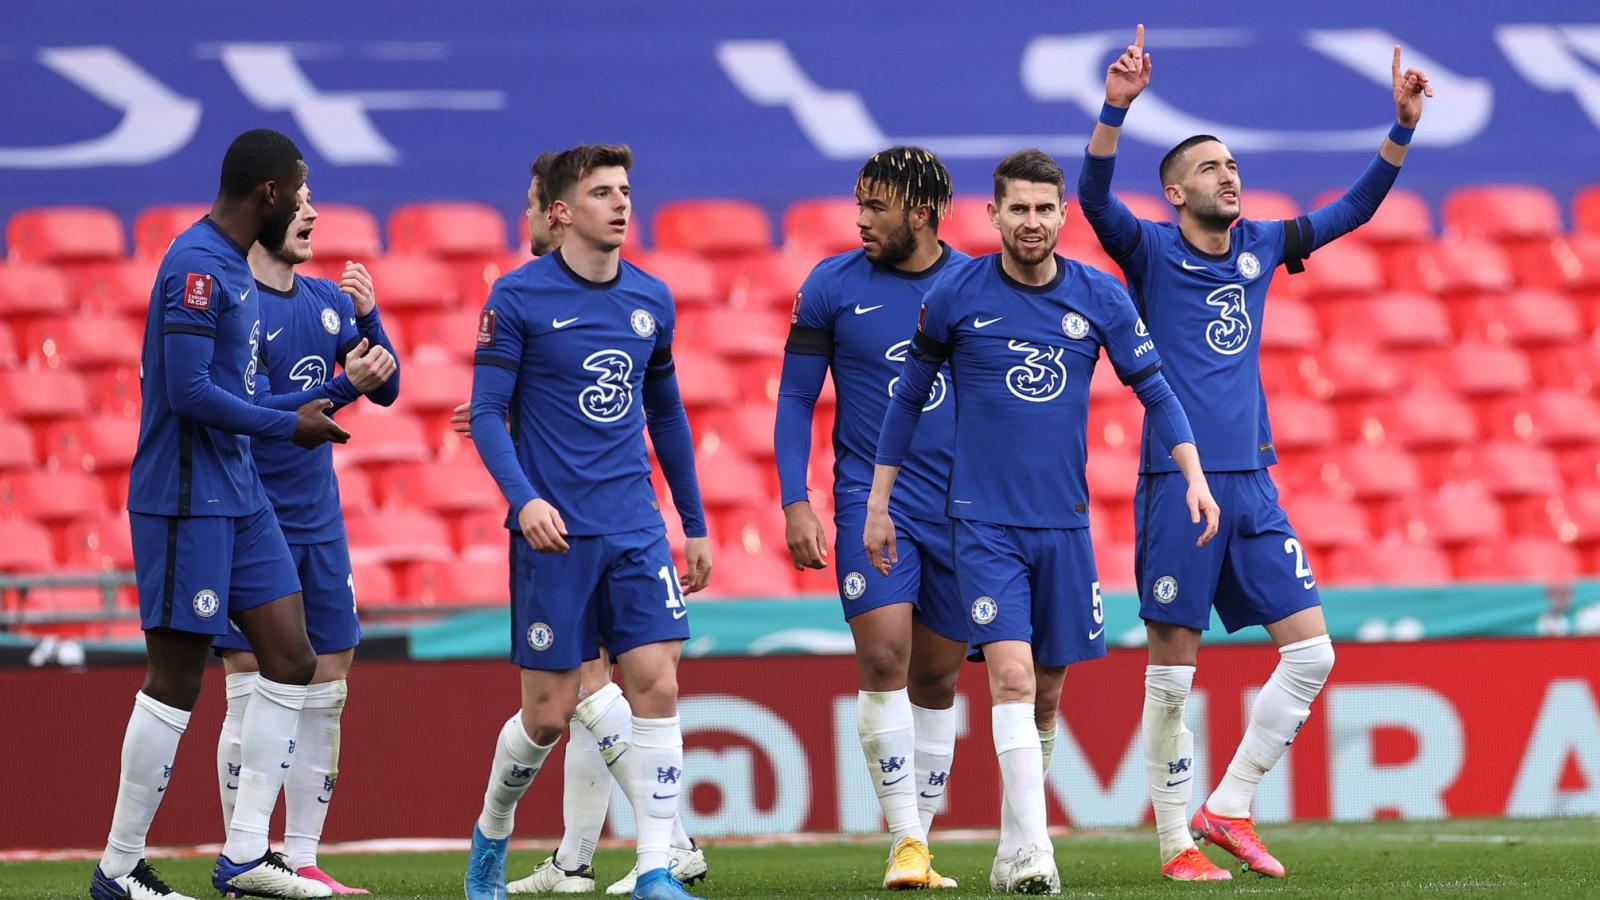 """Phá tan mộng """"ăn bốn"""" của Man City, Chelsea vào chung kết FA Cup"""